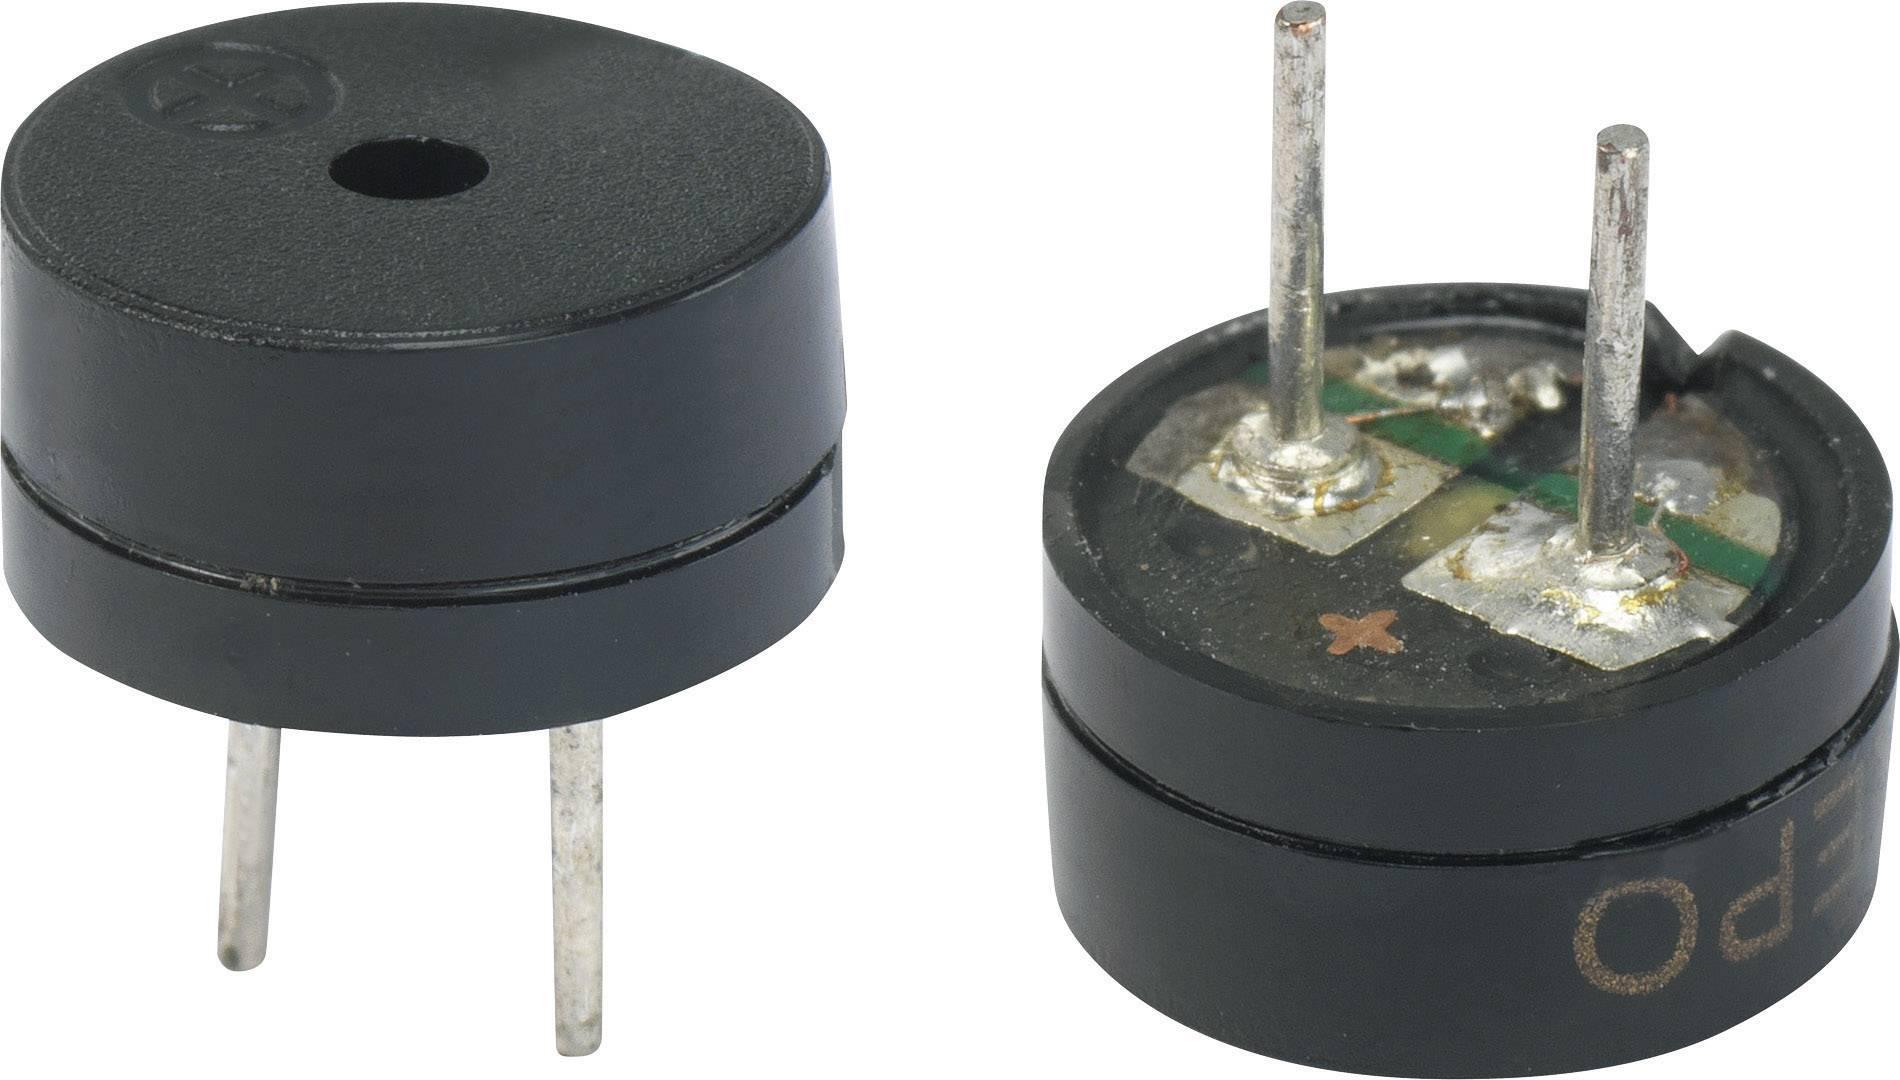 Magnetický akustický měnič bez elektroniky KEPO KPMG09F7-K9216, černá